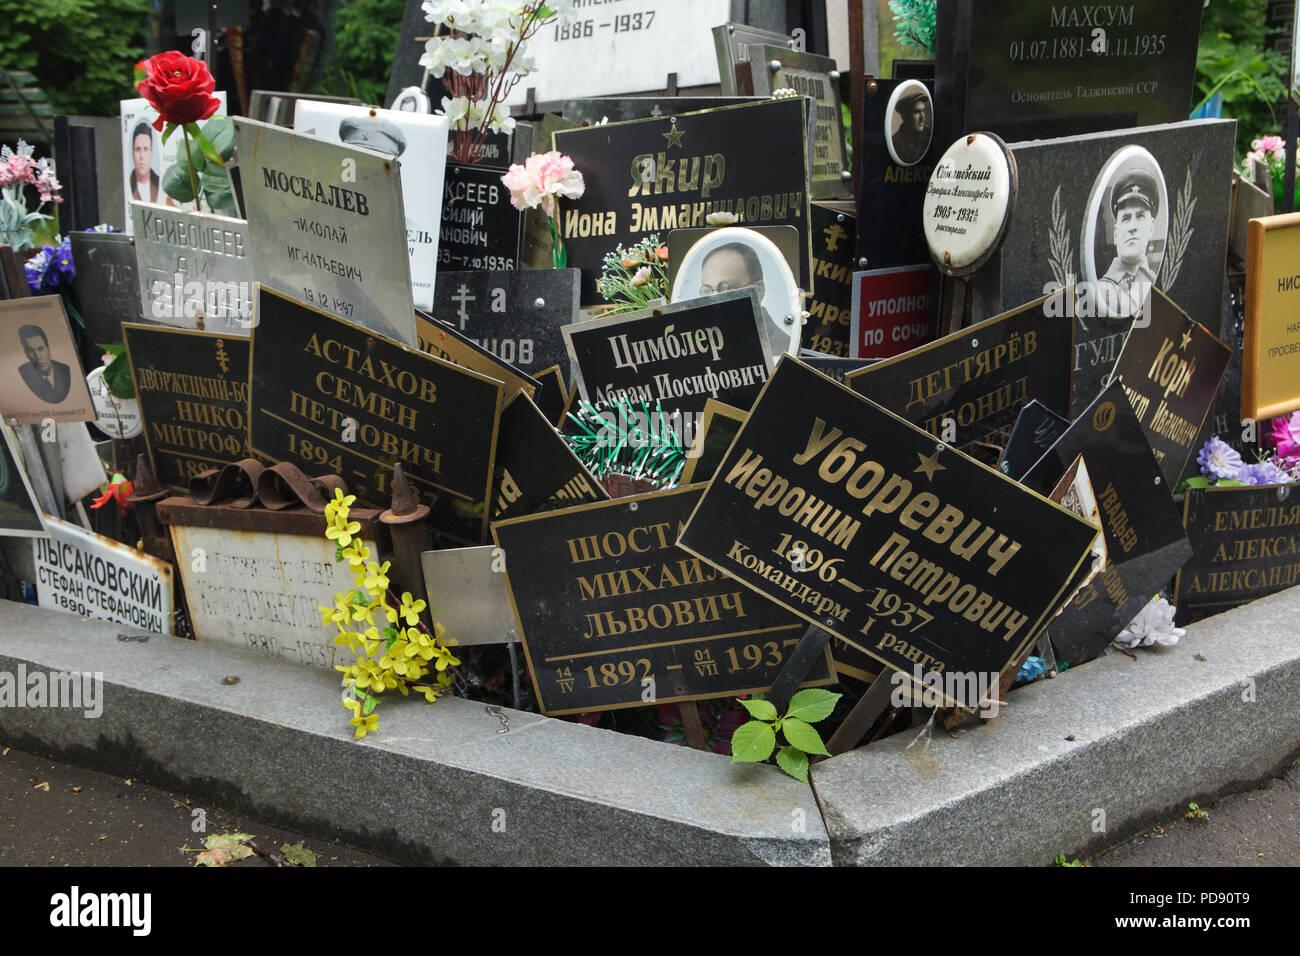 Gemeinsames Grab von unclaimed Asche Nummer eins, wo die Leute von der NKWD heimlich von 1930 bis 1942 begraben wurden, am Donskoye Friedhof in Moskau, Russland. Es wird geglaubt, daß das Massengrab enthält die Überreste von 4259 Opfer von Stalins Regime. Die Plaketten mit den Namen wurden von den Angehörigen seit den 80er Jahren installiert. Die Plaketten für die Rote Armee Kommandanten Ieronim Uborevich und Iona Yakir ausgeführt 1937 im Bild unter anderen gesehen werden. Stockbild